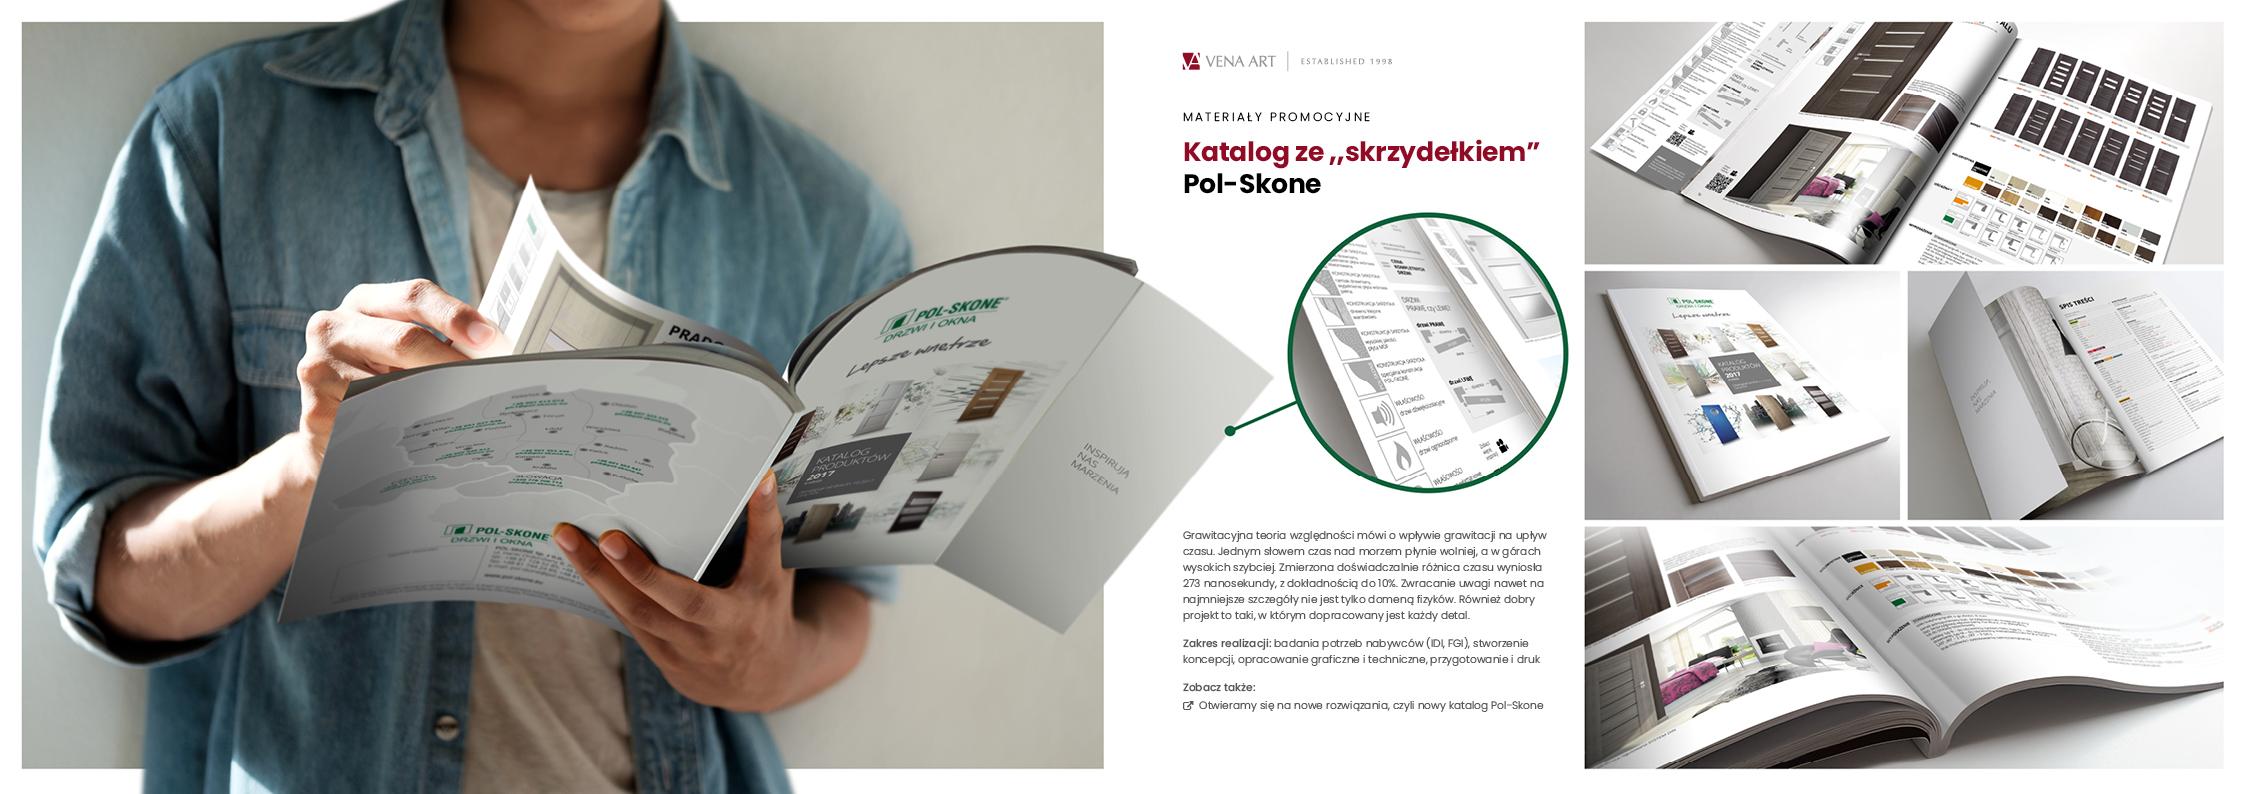 Katalog zeskrzydełkiem —Pol-Skone